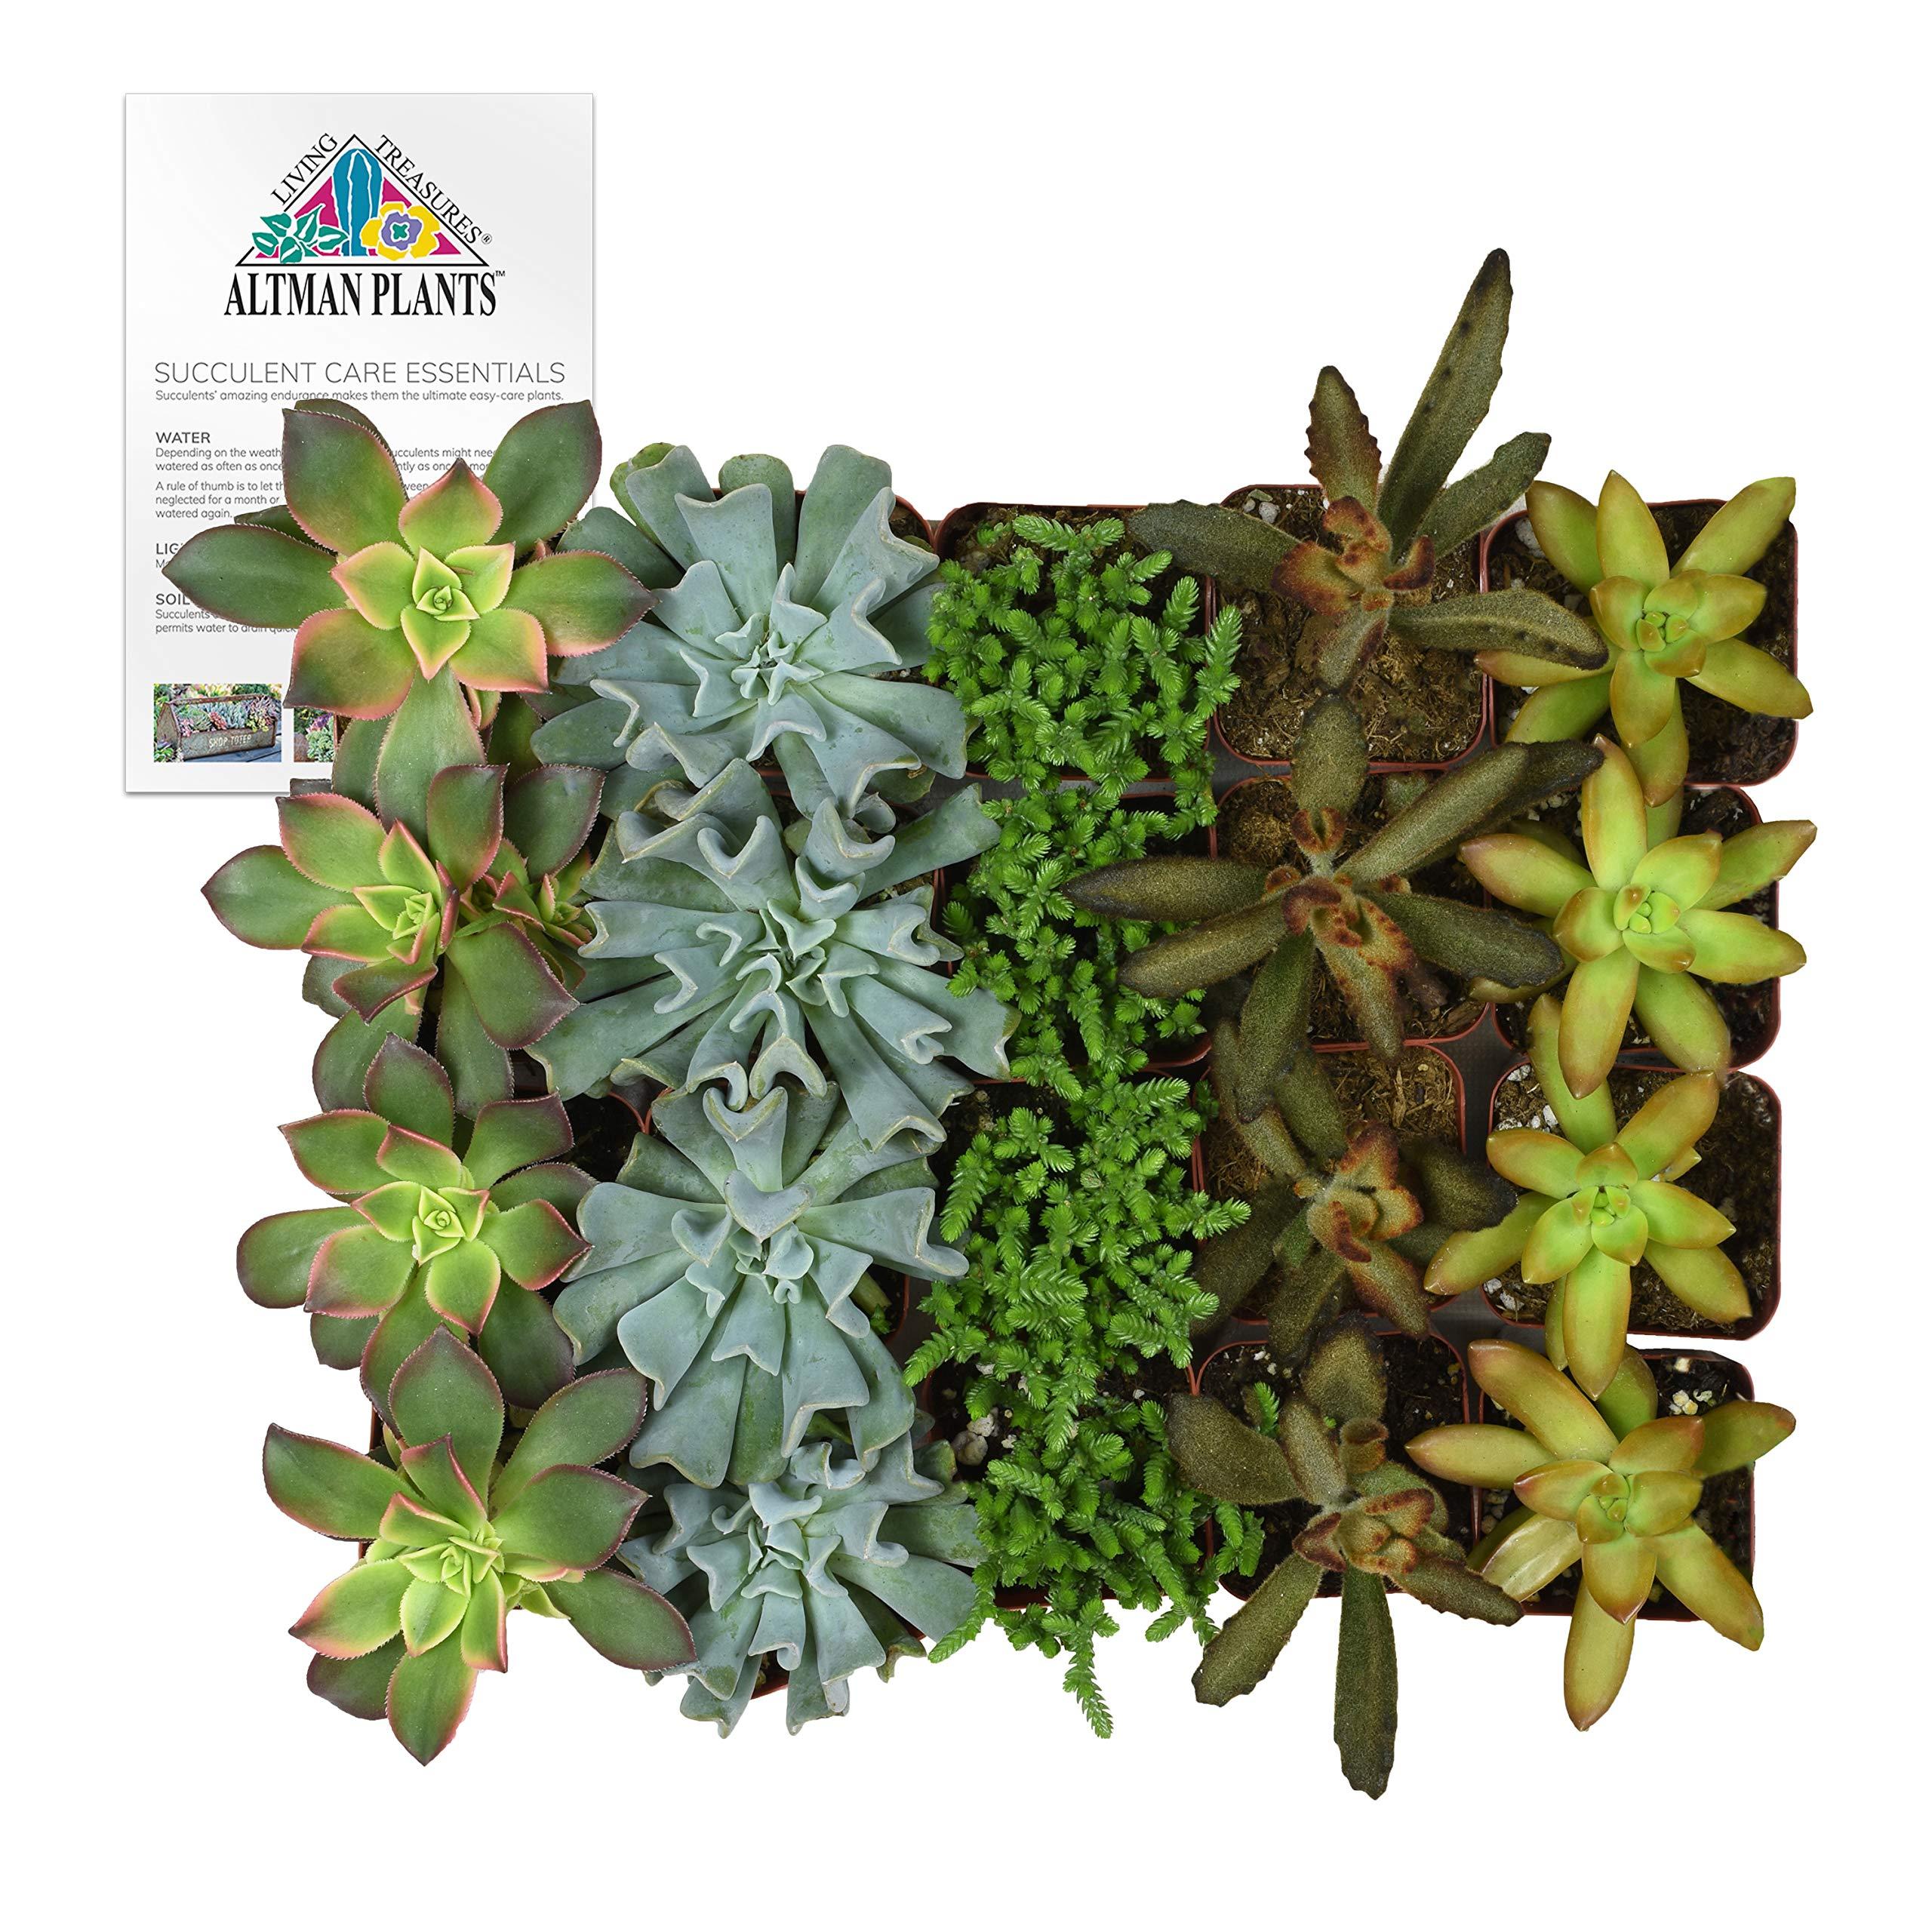 Altman Plants Mini Live Assorted Succulents Weddings, Party favors, DIY terrariums, Gifts 2'' 20 Pack by Altman Plants (Image #1)